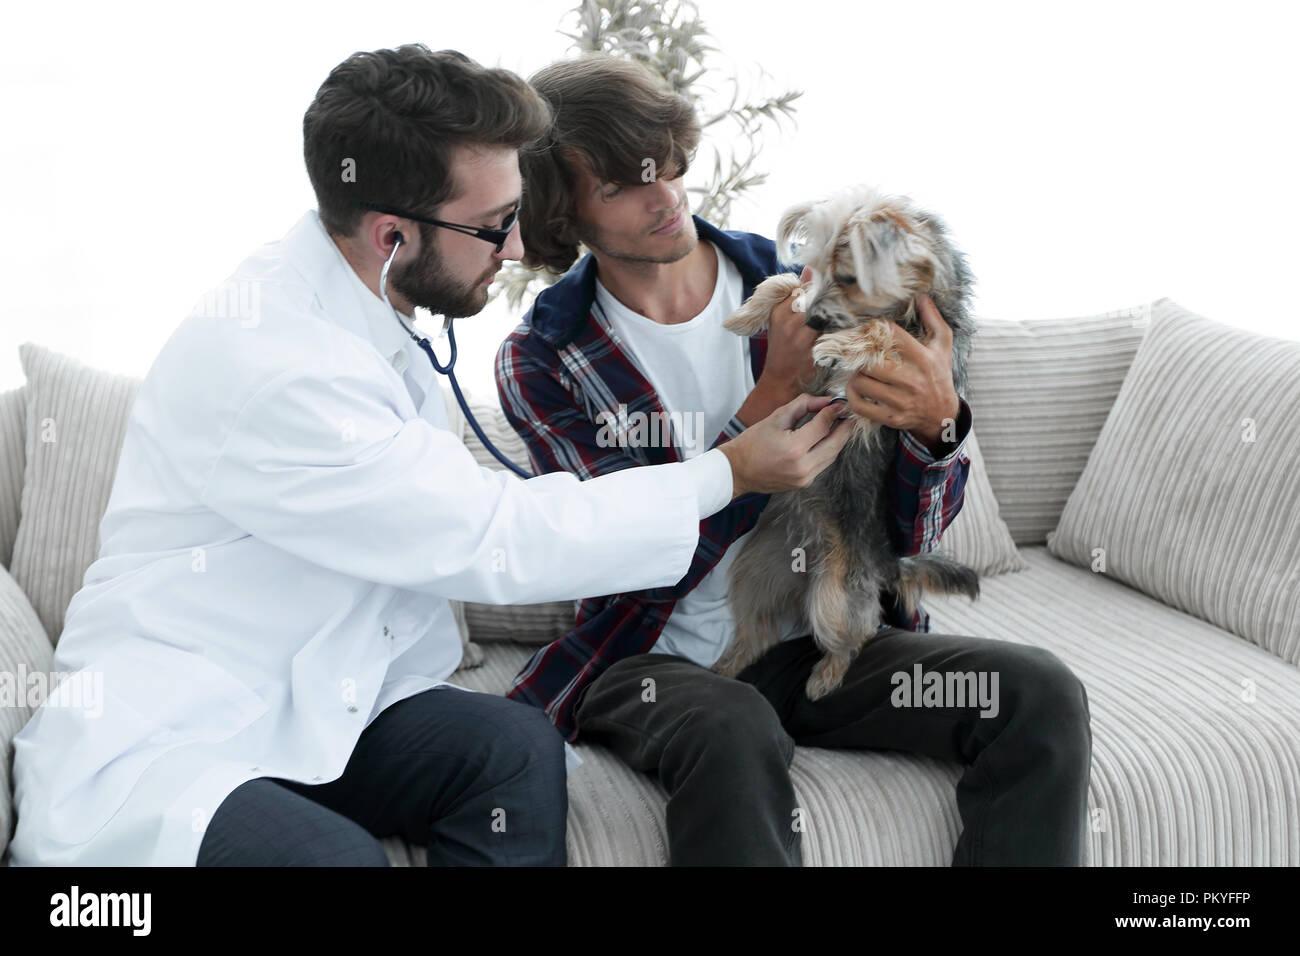 Proprietario amante con un Yorkshire terrier in ufficio di un veterinario Immagini Stock